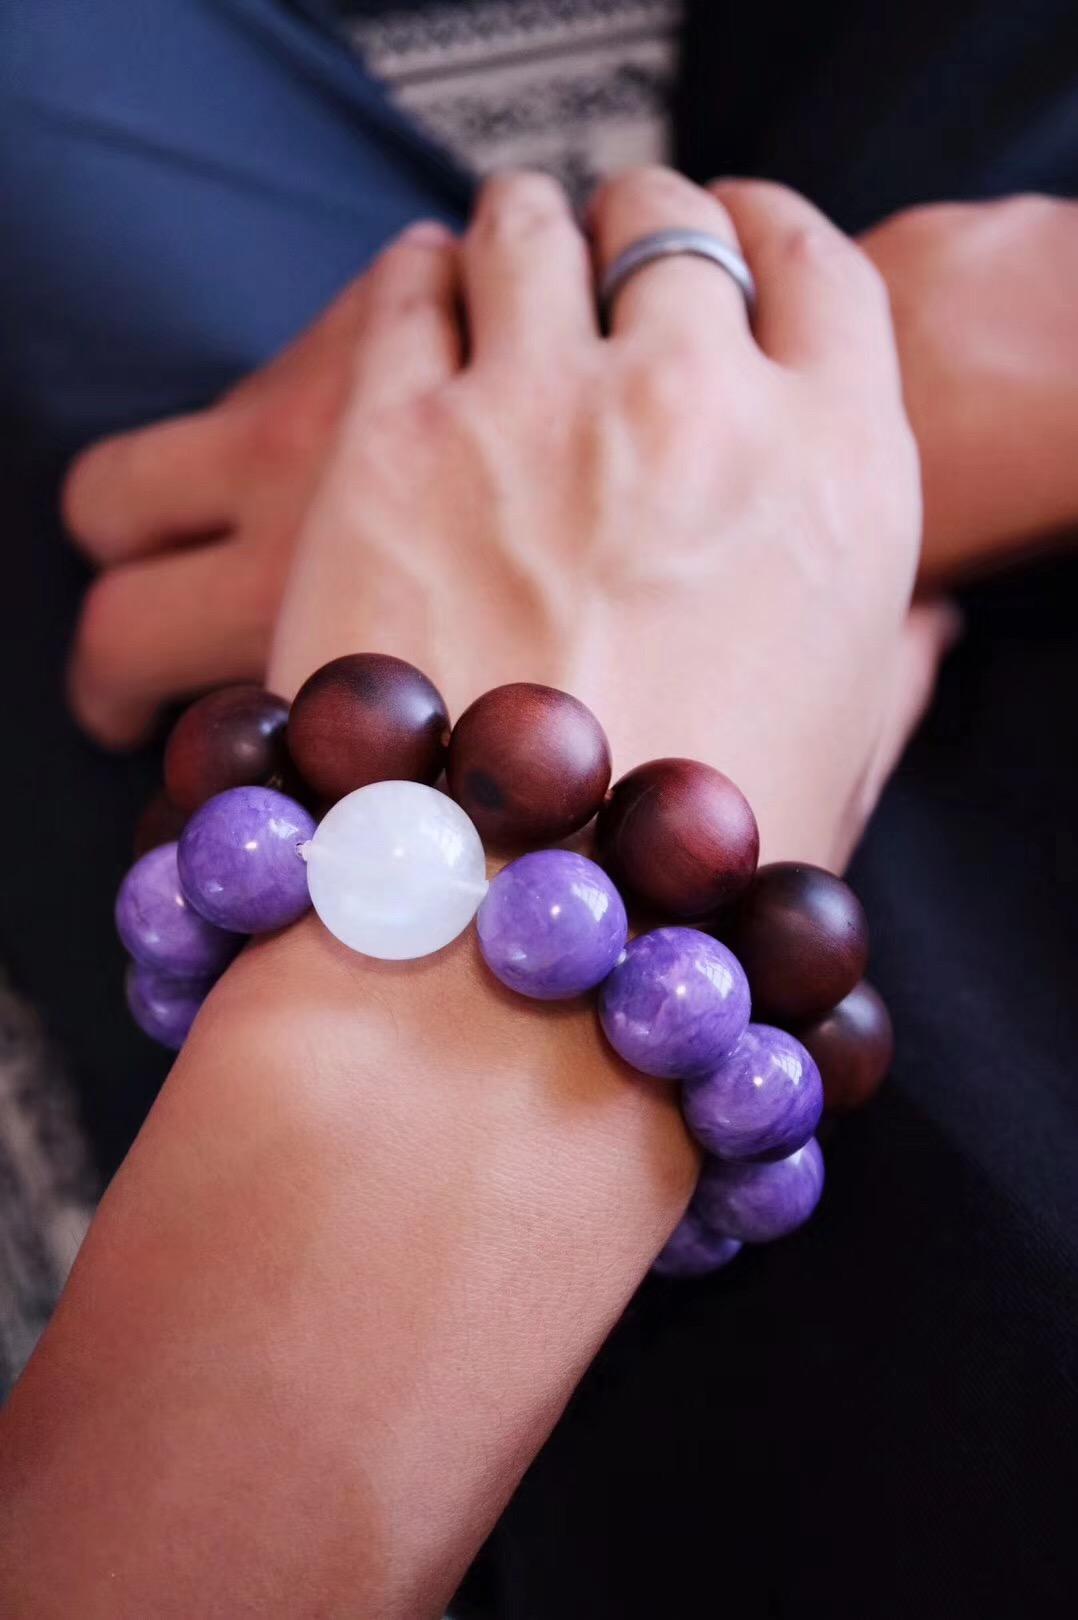 【紫龙晶 月光石】 这是慈悲的晶石-紫龙晶-菩心晶舍